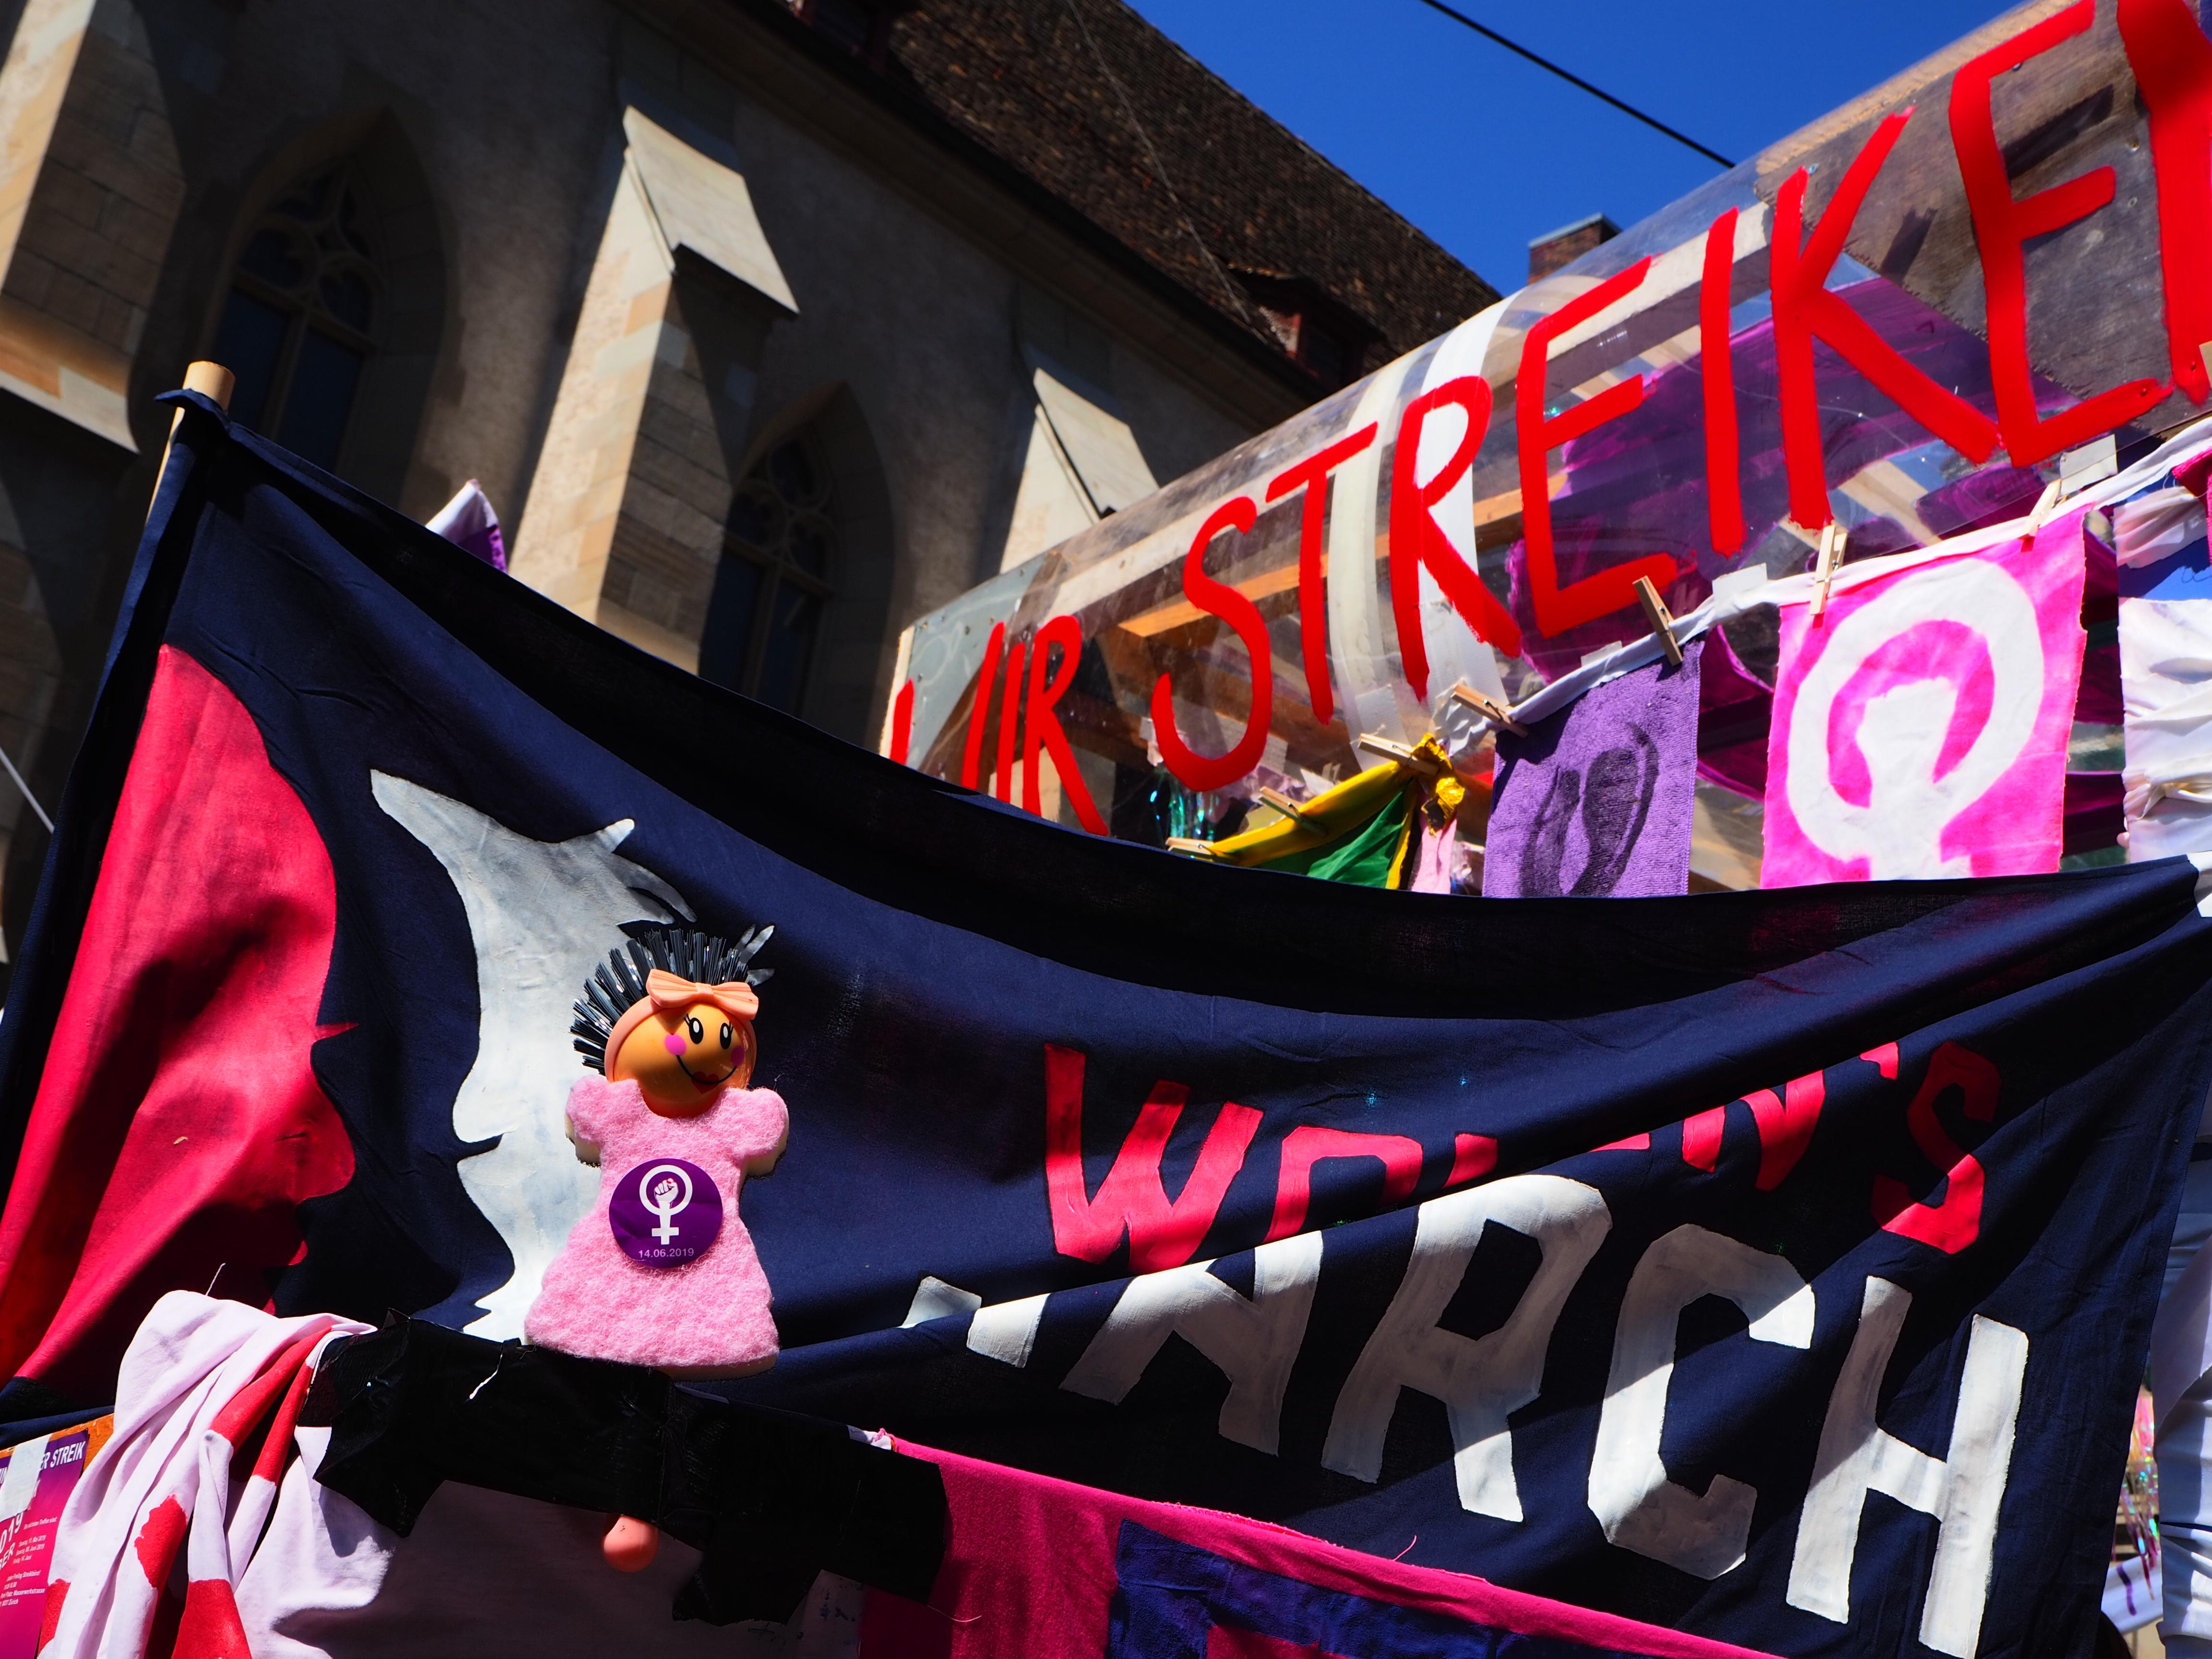 Foto vom Frauen*streikkblock am 1. Mai. Viele Transparente und zuvorderst Violetta, eine Geschirrspülbürste in Form einer Frau mit einem Schwammkleid, die befreut wurde und nun Teil des Streikkollektivs ist.